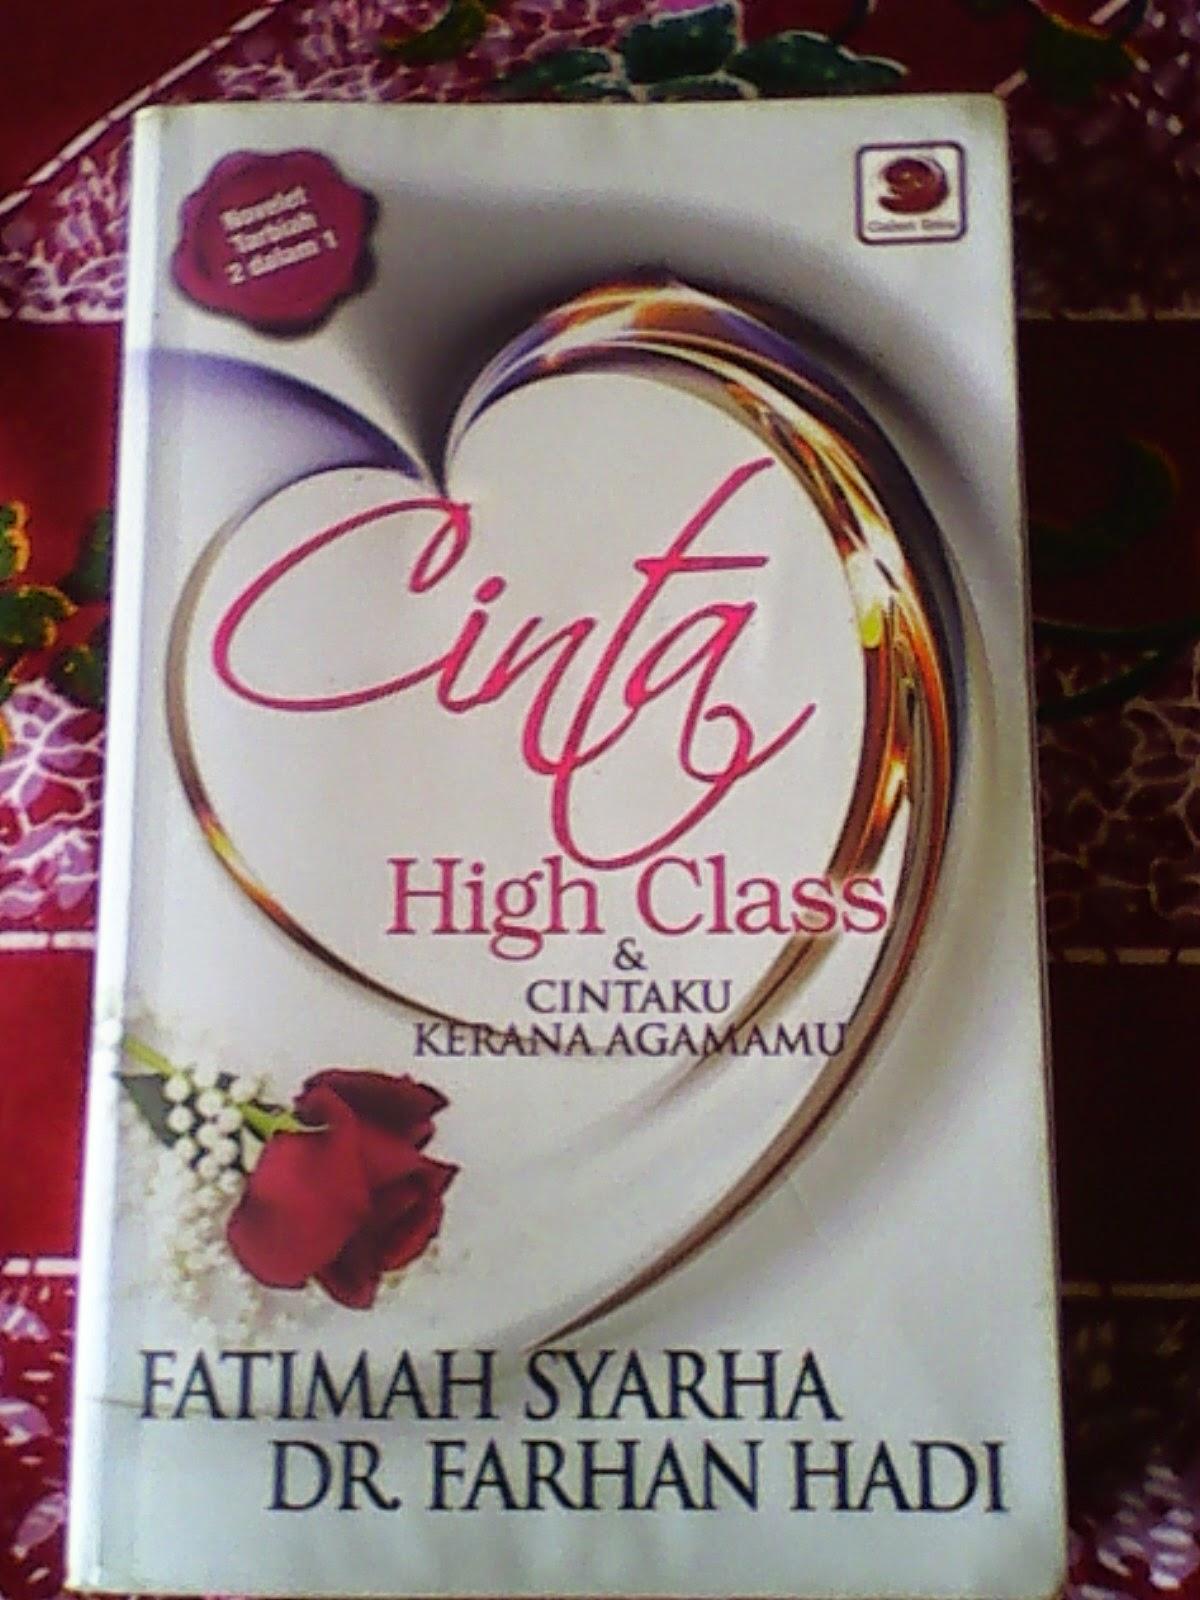 cinta high class-kak syarha